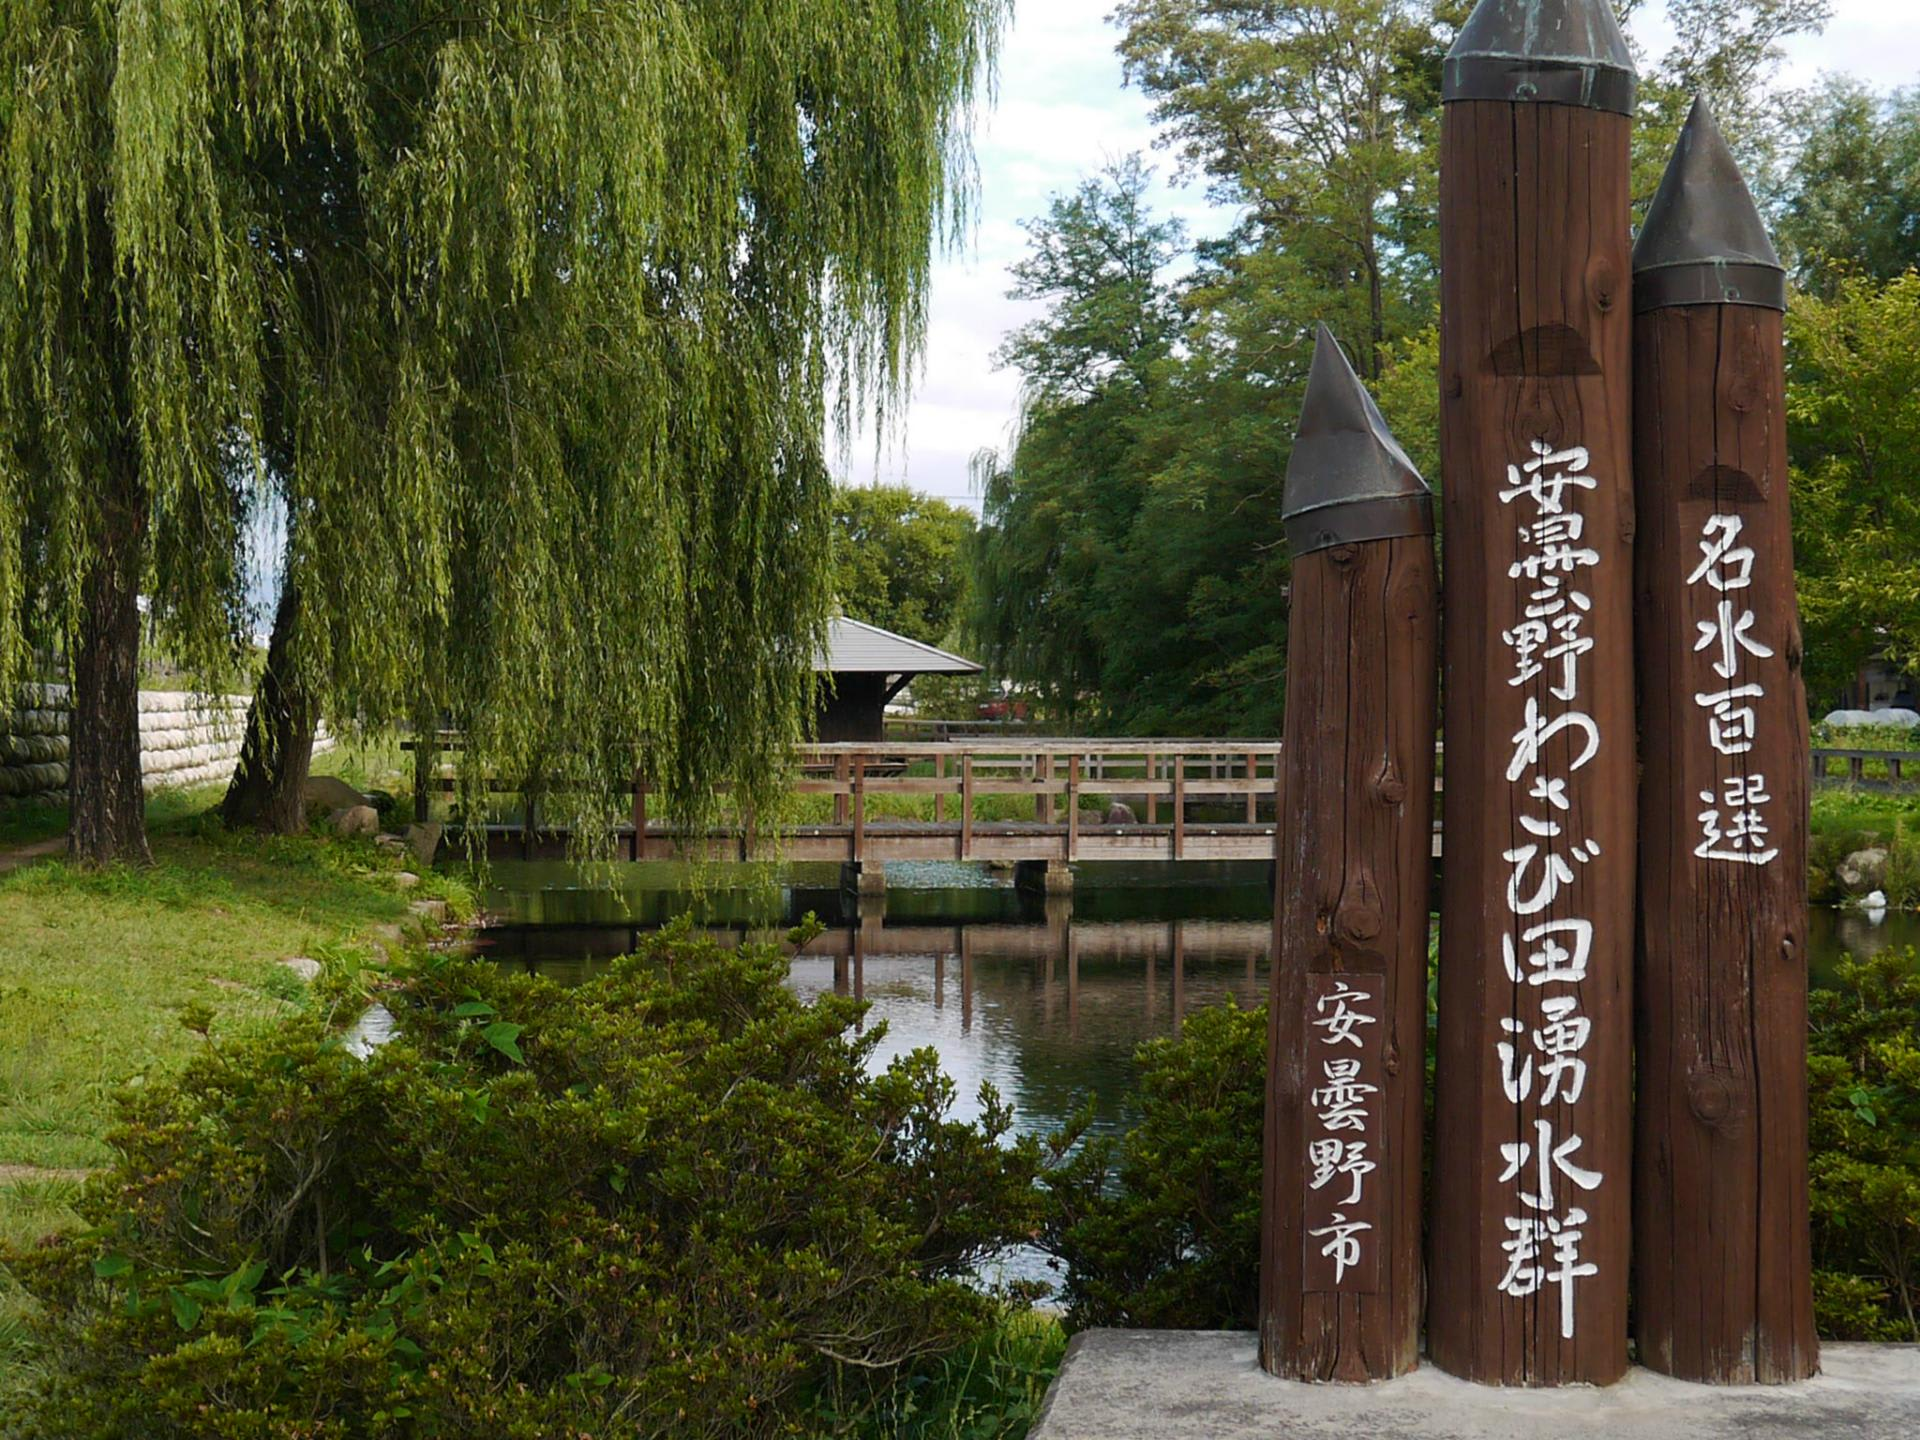 名水百選のひとつに選ばれている湧水地。 「万水川(よろずいがわ)の土手...  セローでお散歩